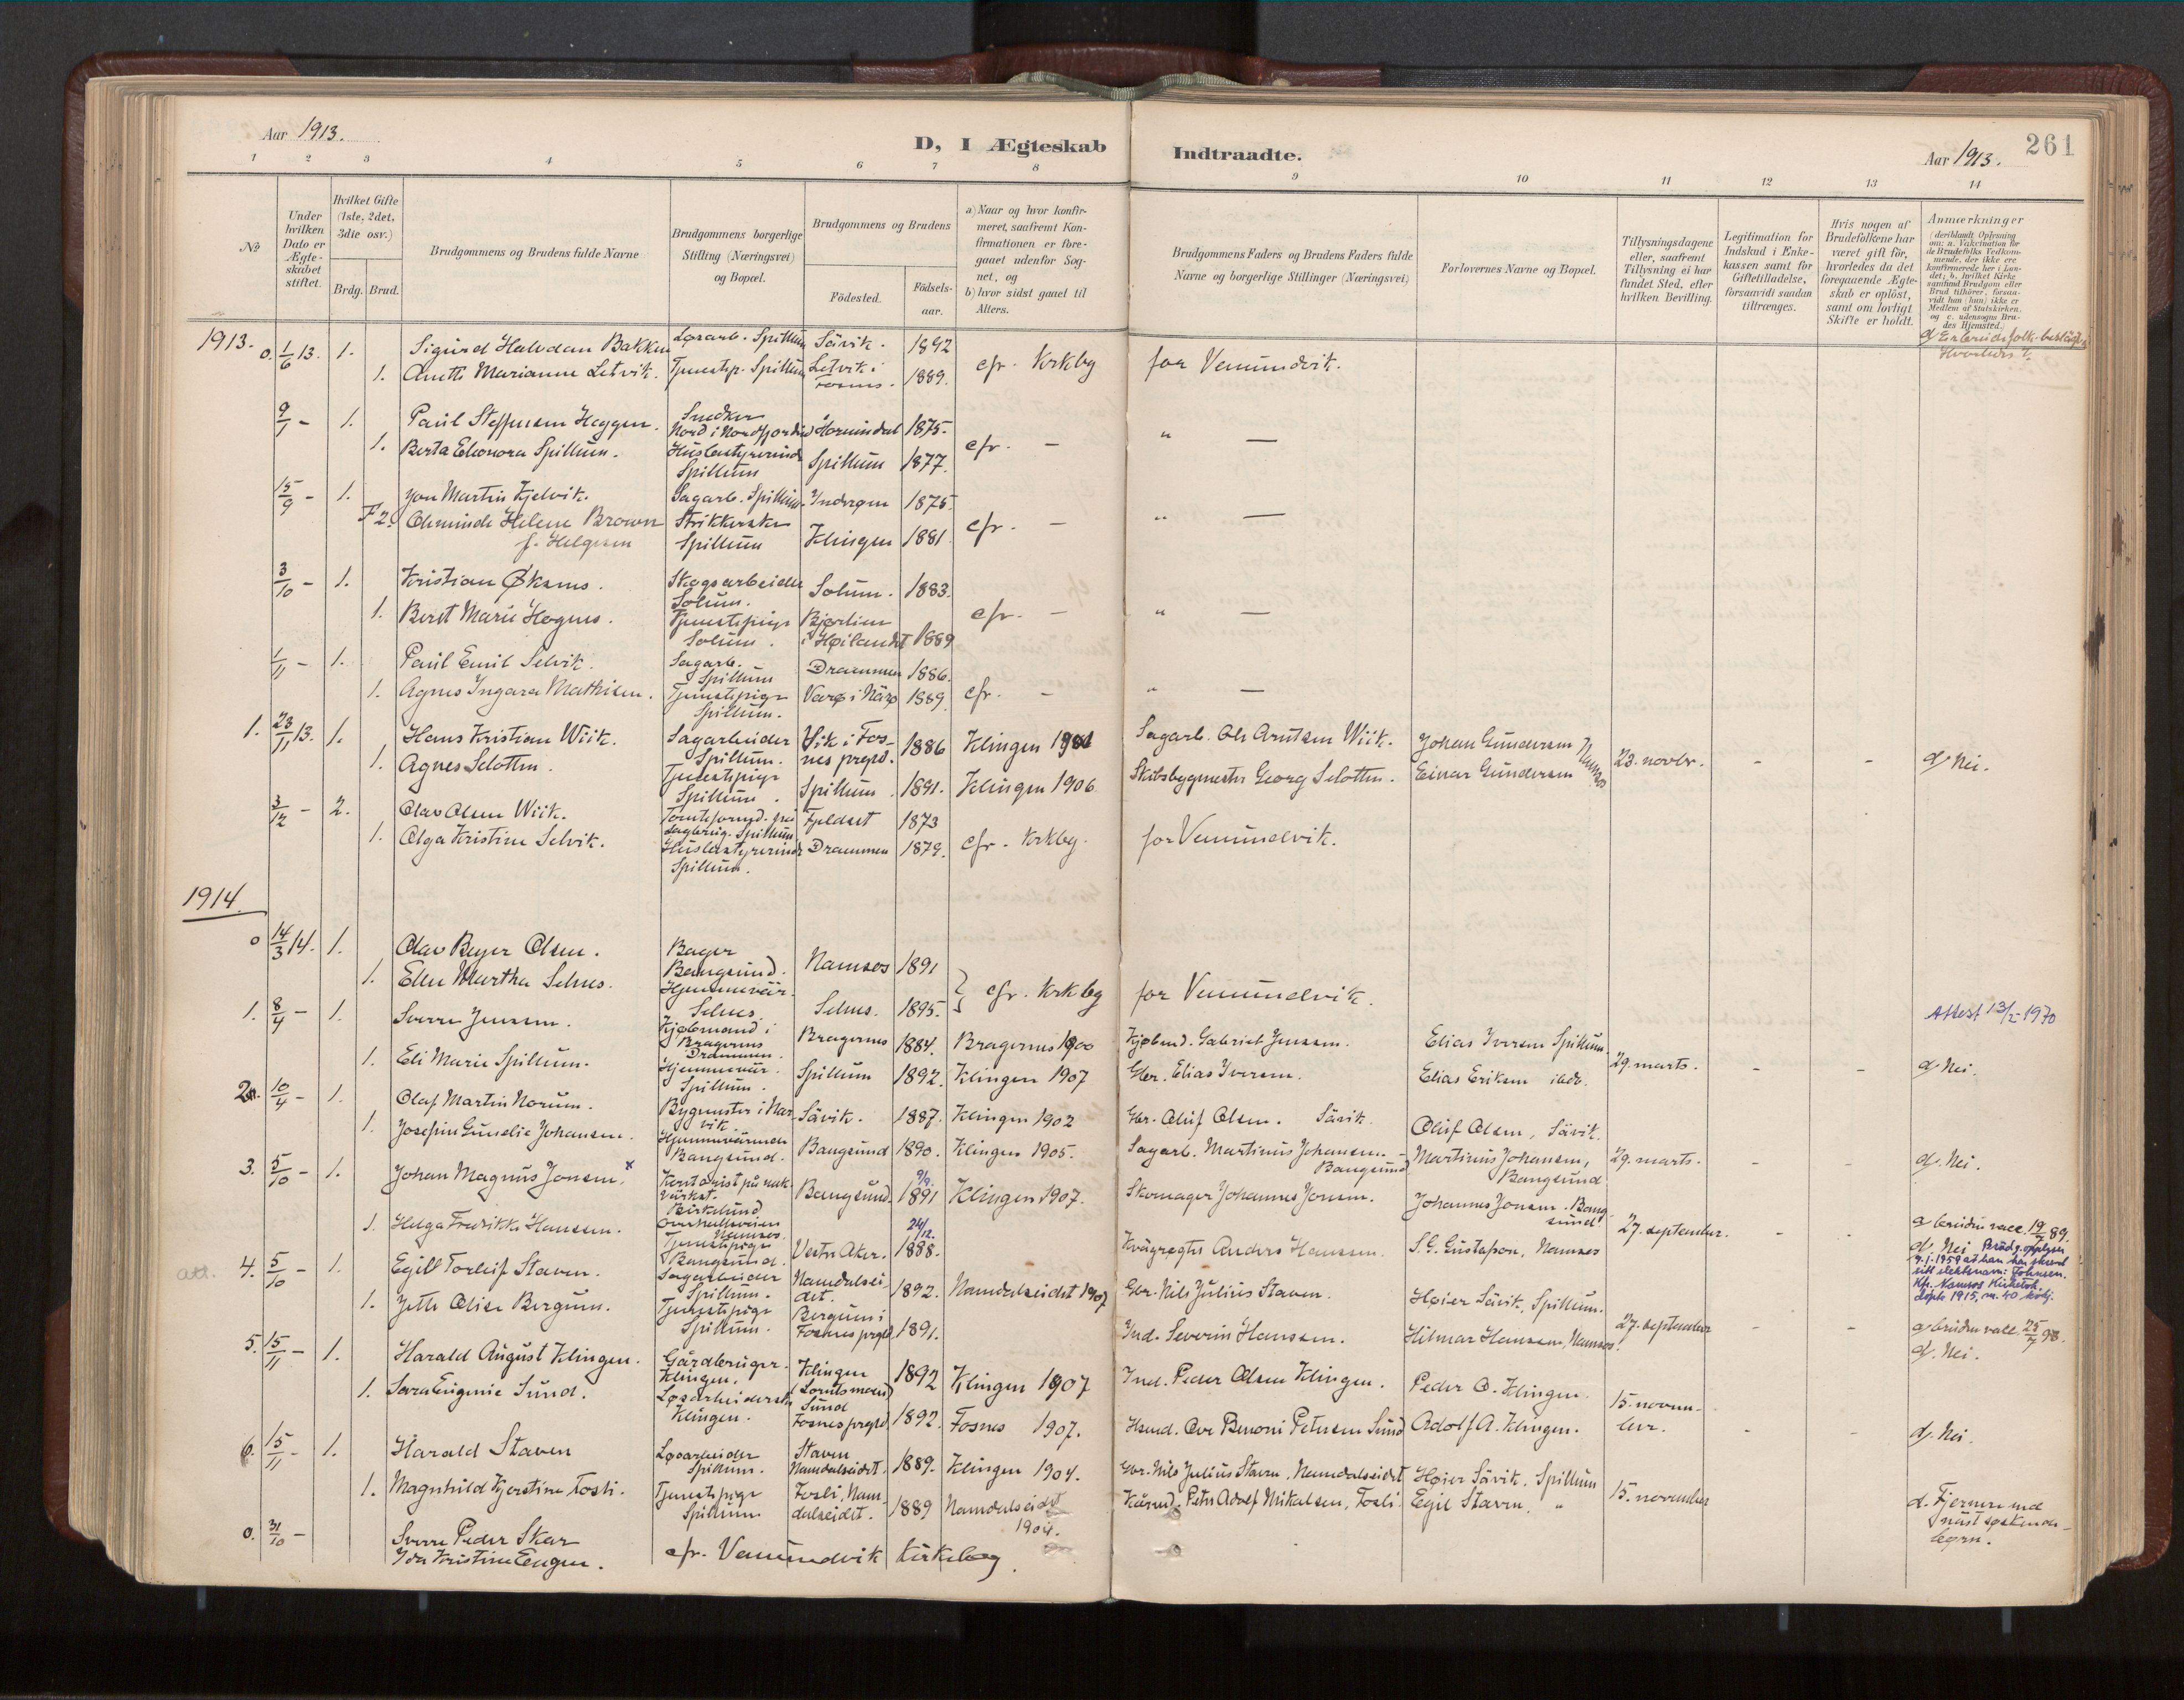 SAT, Ministerialprotokoller, klokkerbøker og fødselsregistre - Nord-Trøndelag, 770/L0589: Ministerialbok nr. 770A03, 1887-1929, s. 261